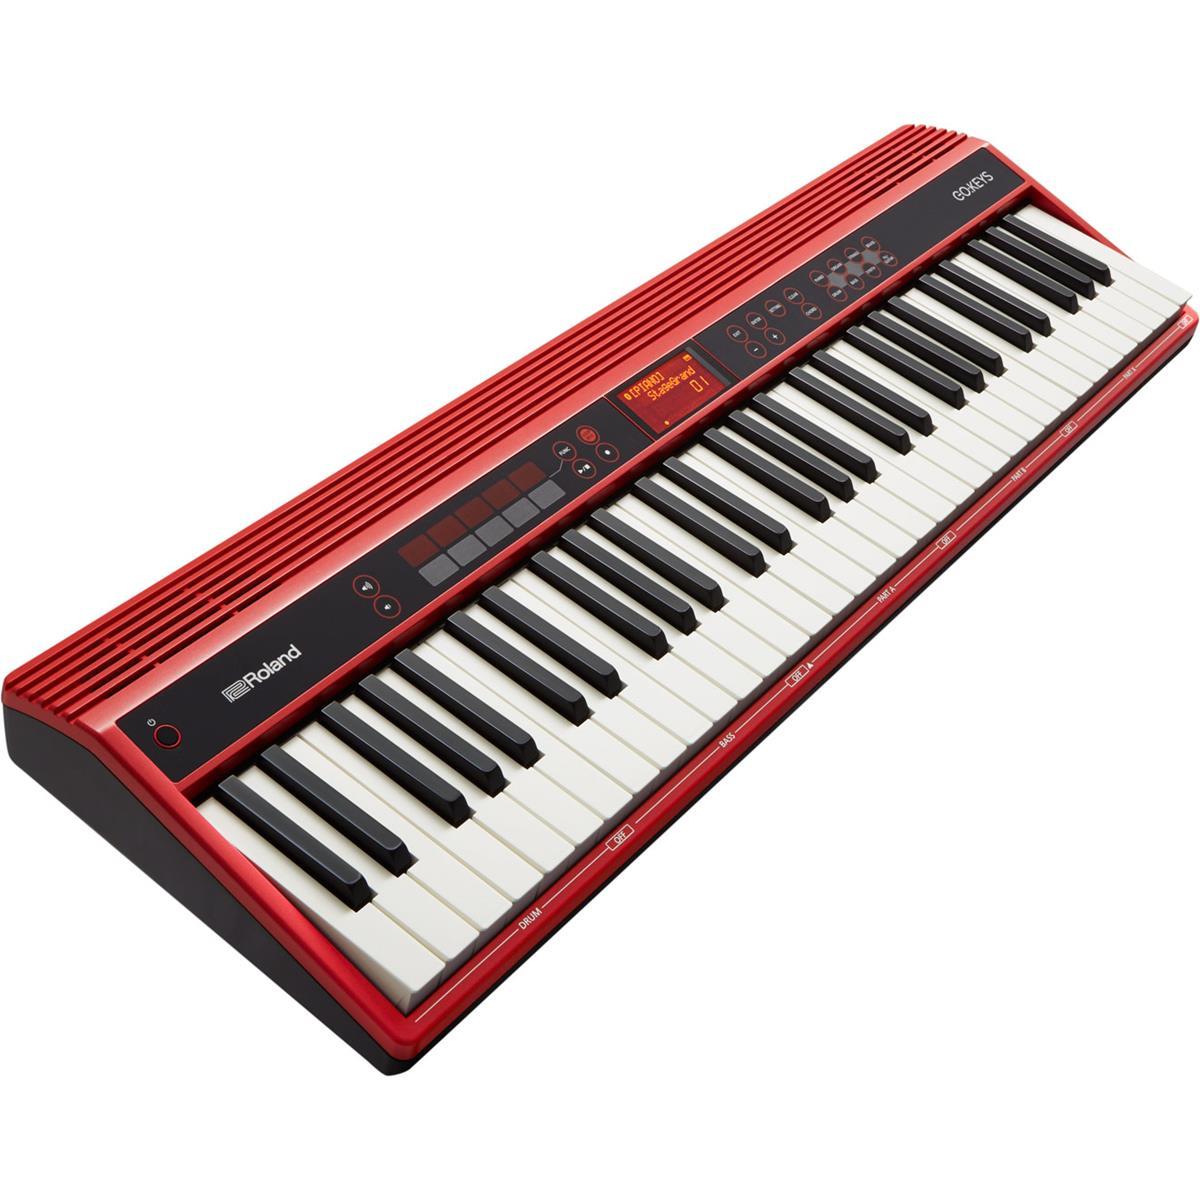 ROLAND-GO-Keys-GO61-K-sku-18438